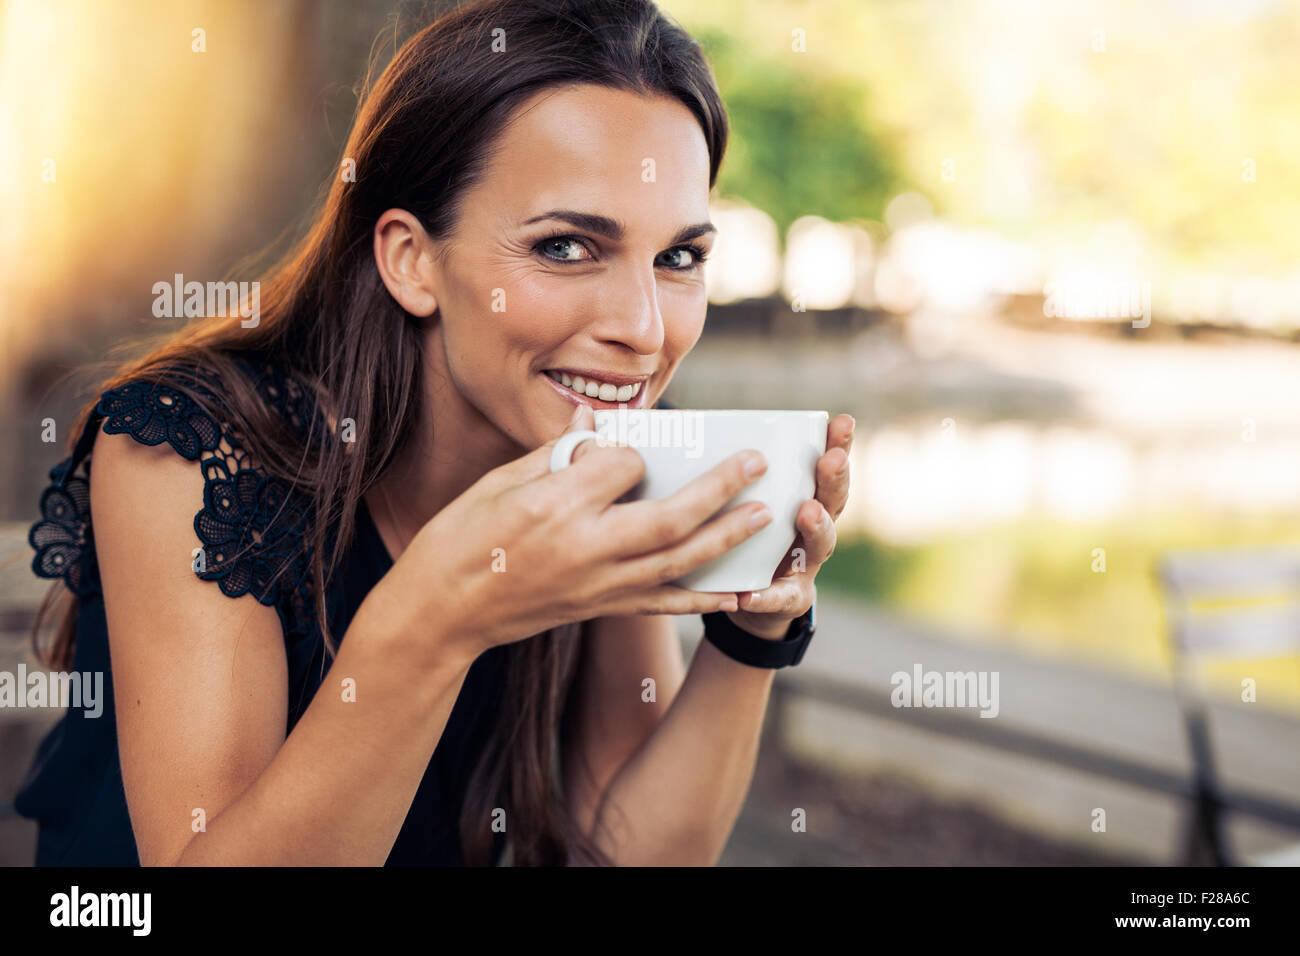 Bella giovane donna in possesso di una tazza di caffè guardando la telecamera sorridendo. Femmina allegro gustando Immagini Stock